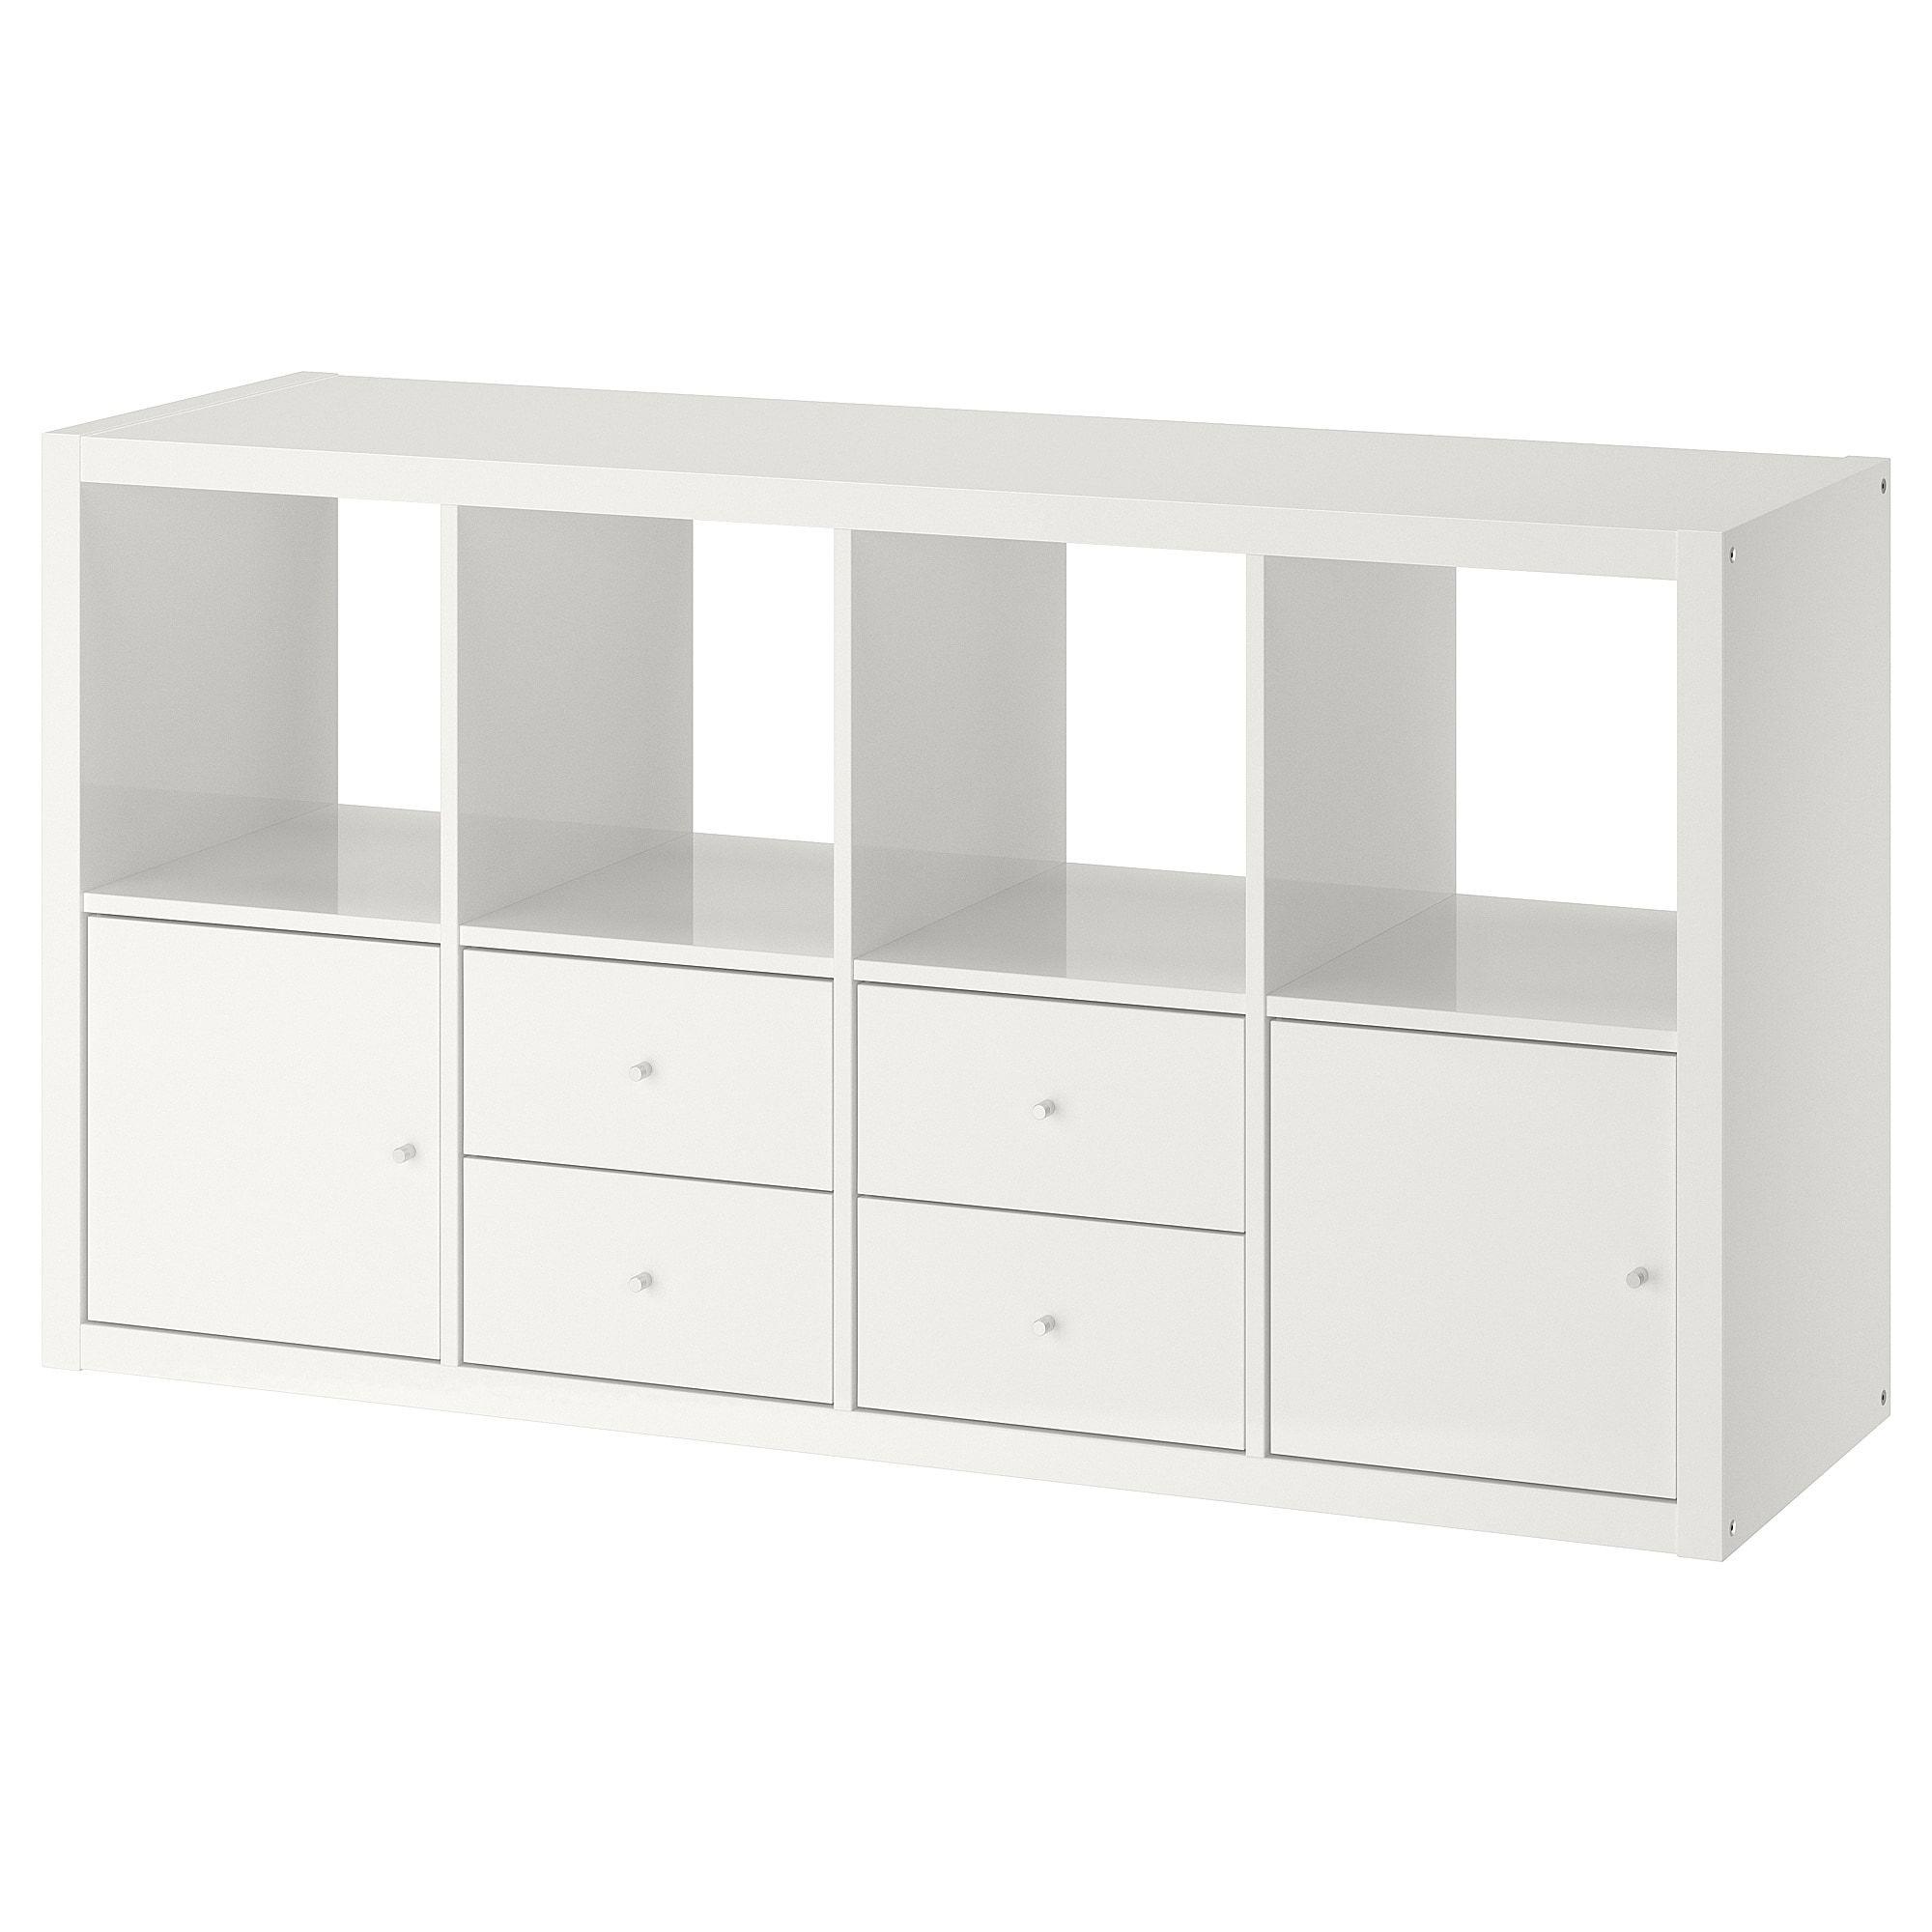 Kallax Regal Mit 4 Einsatzen Hochglanz Weiss Kallax Regal Ikea